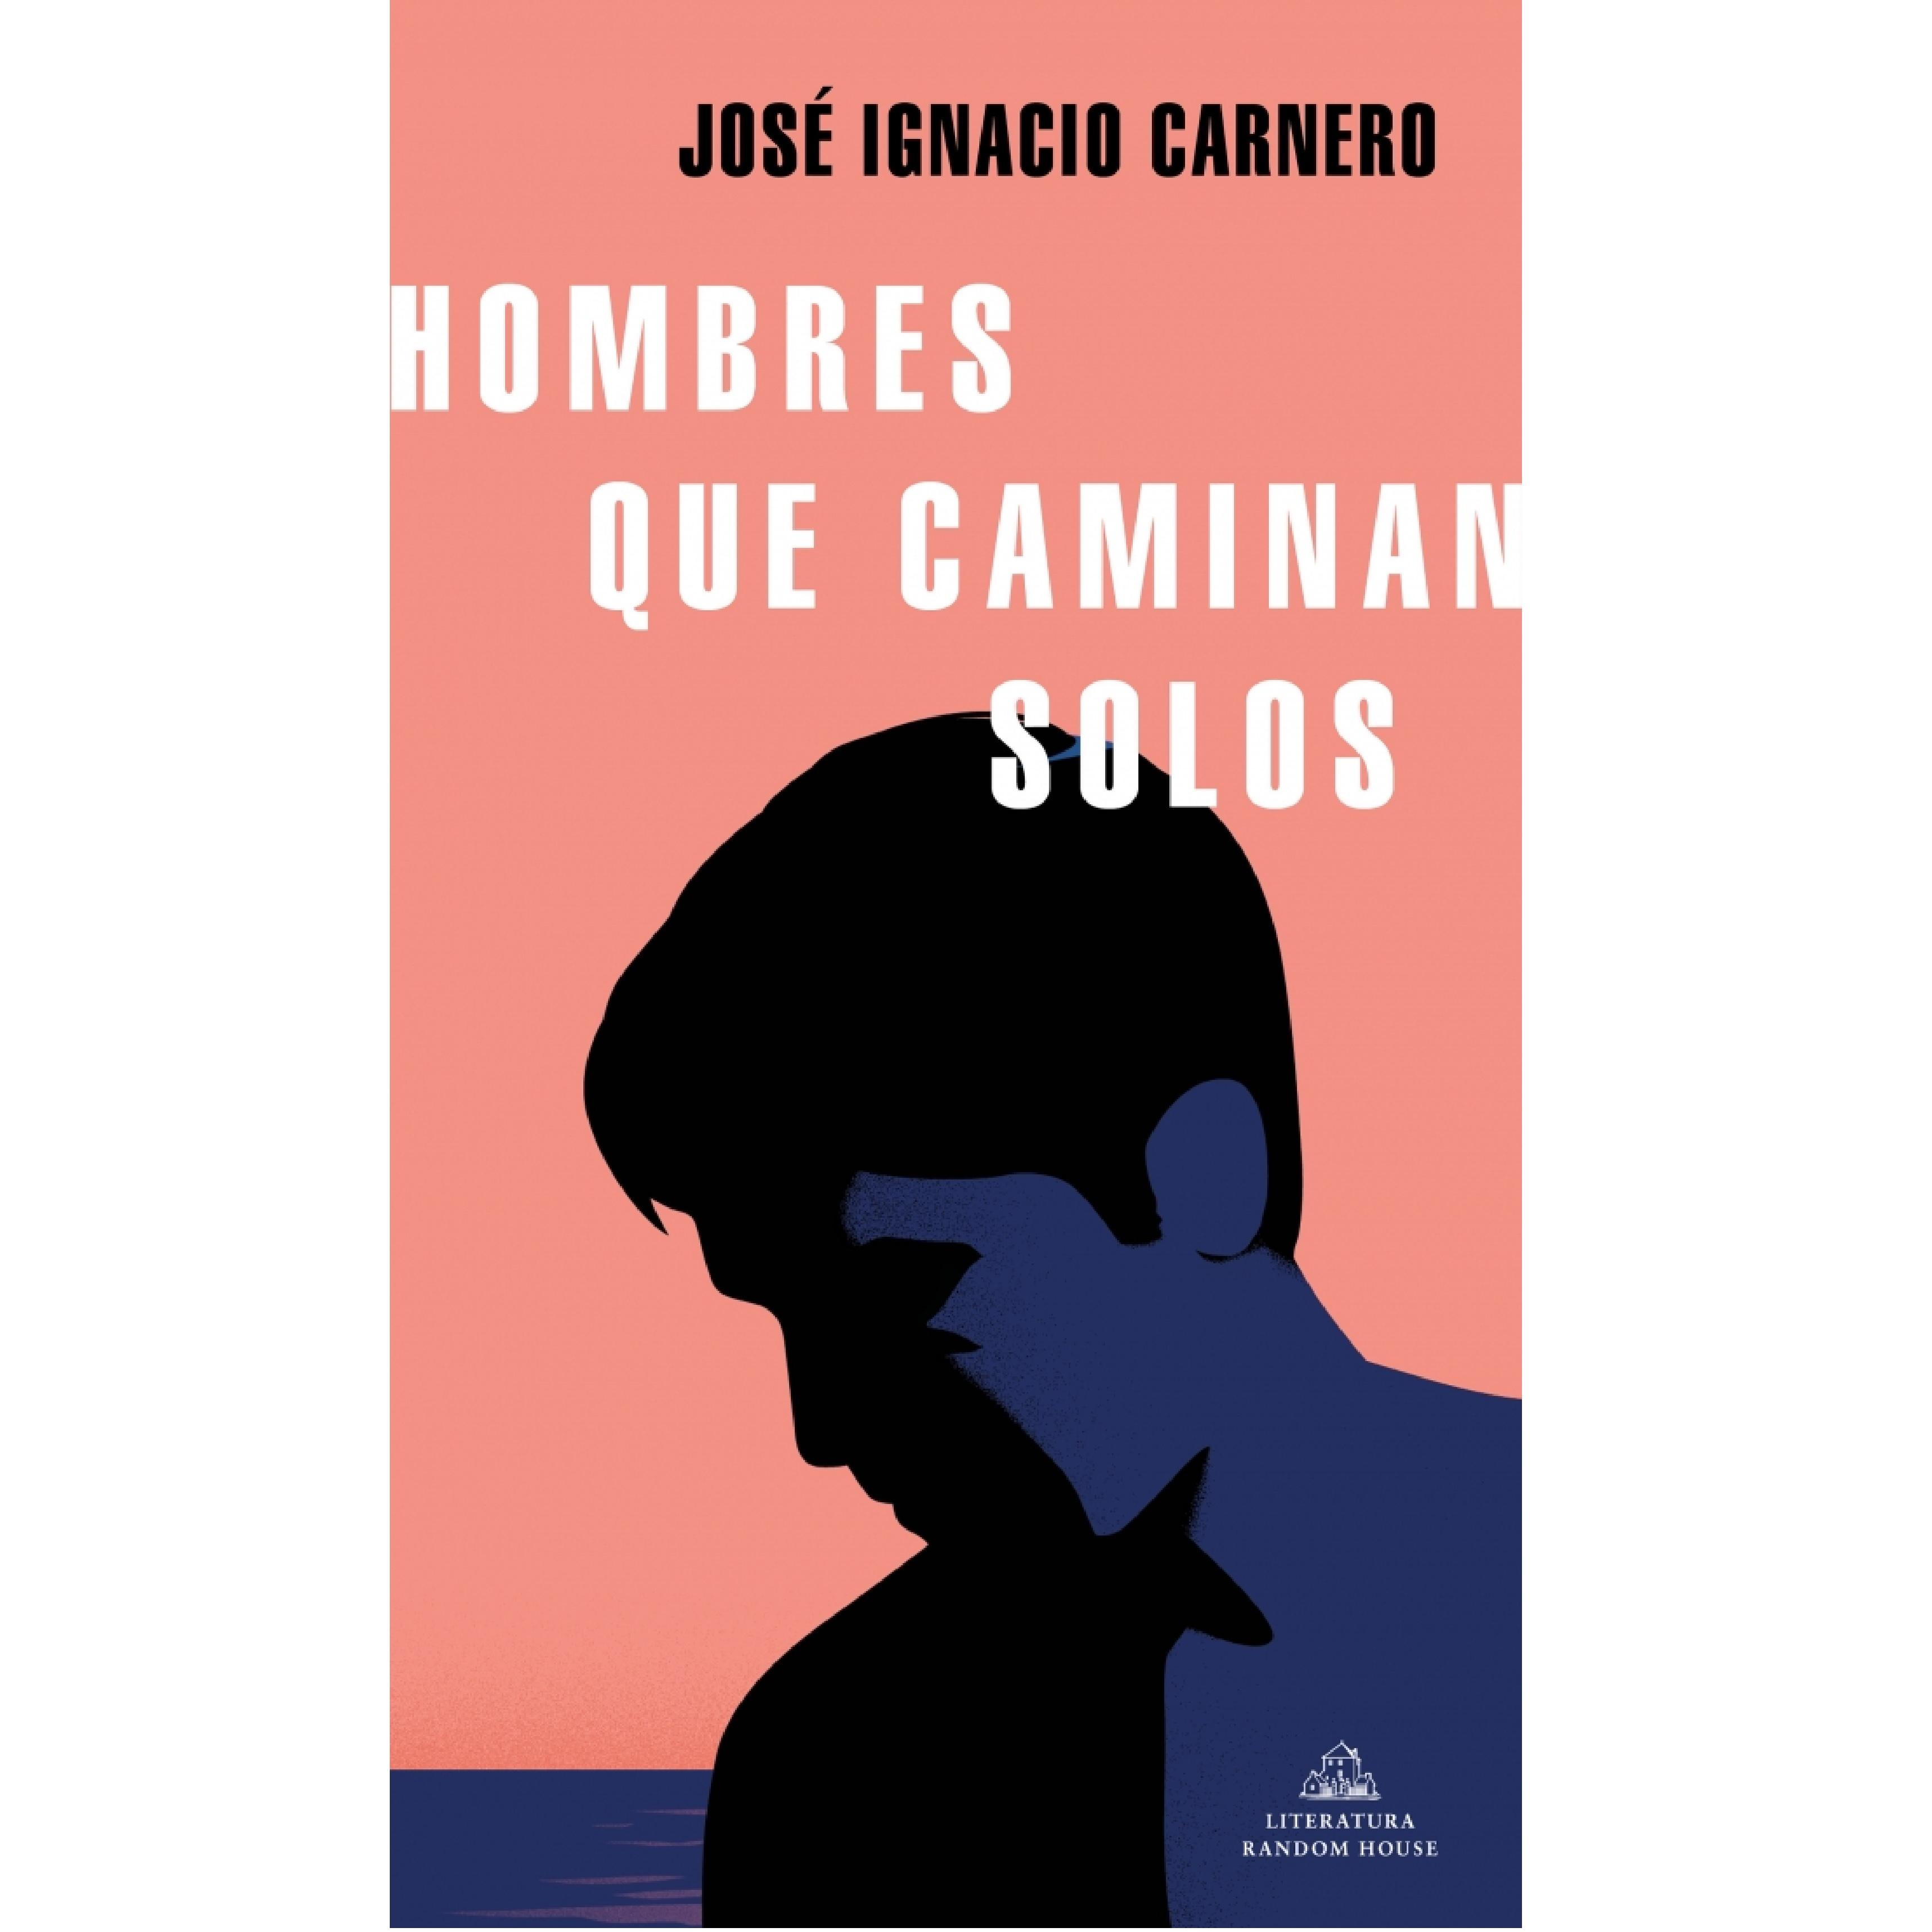 Portada de 'Hombres que caminan solos', de José Ignacio Carnero.